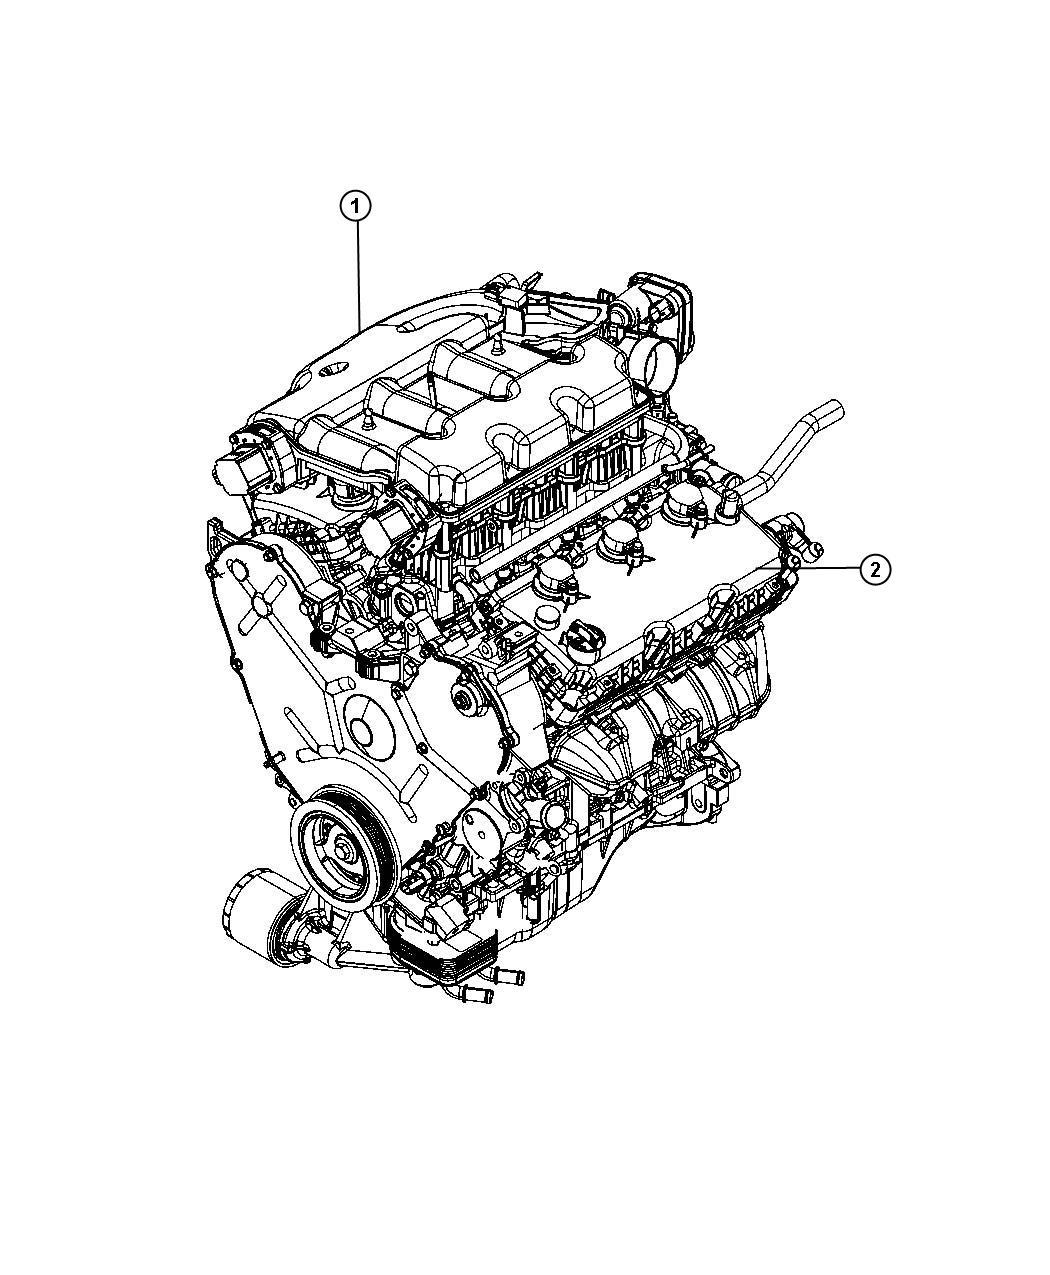 2010 Chrysler Sebring Engine. Long block. Remanufactured